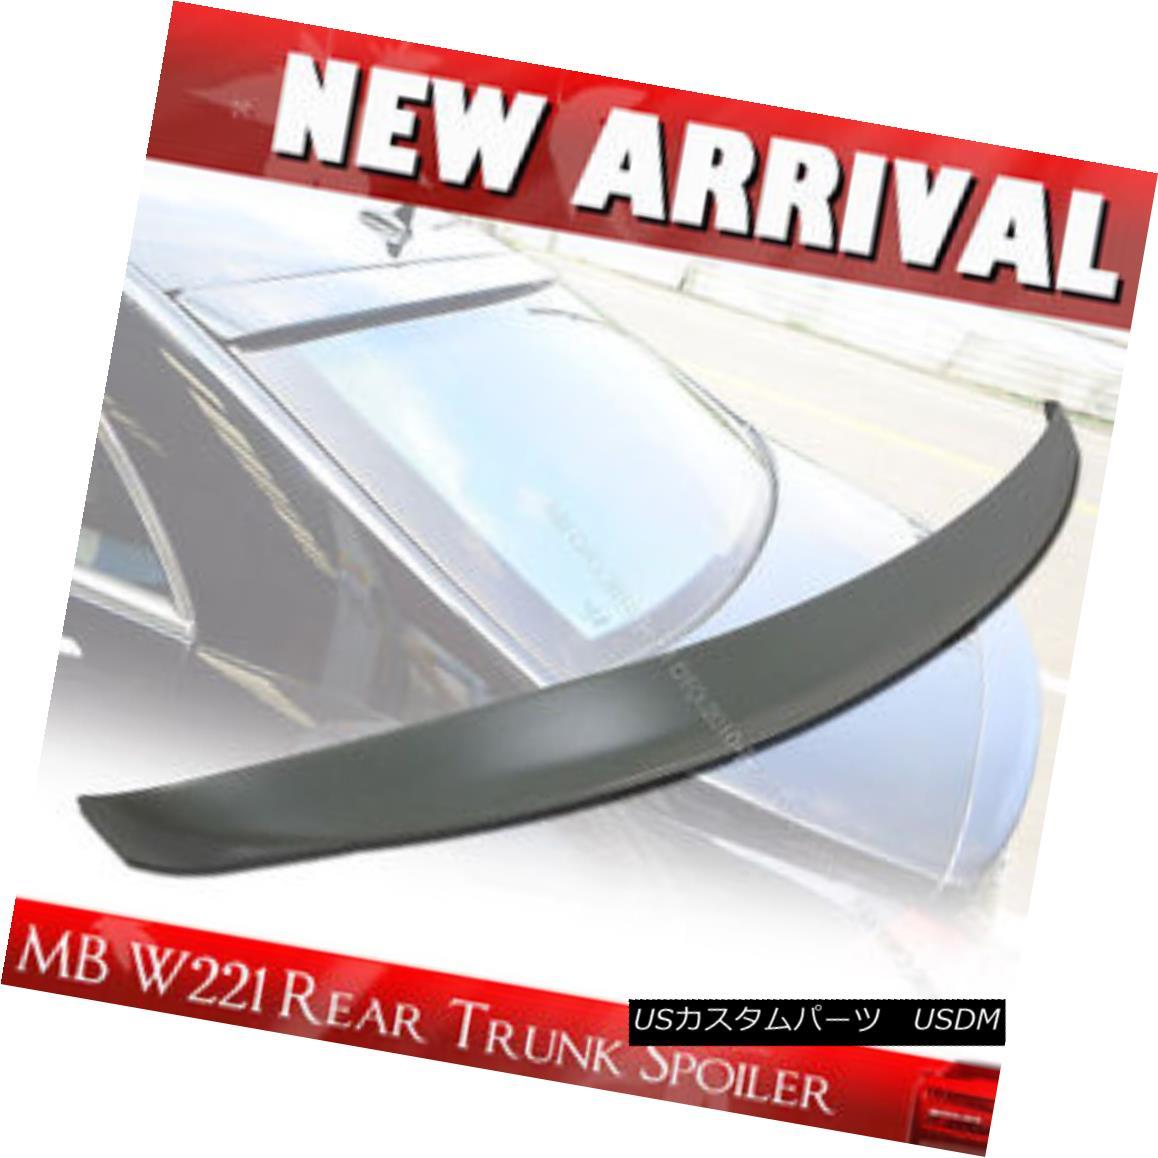 エアロパーツ Mercedes Benz W221 S-class A Type Trunk/Boot Spoiler Rear Wing 07 13 メルセデスベンツW221 SクラスAタイプトランク/ブーツスポイラーリアウイング07 13